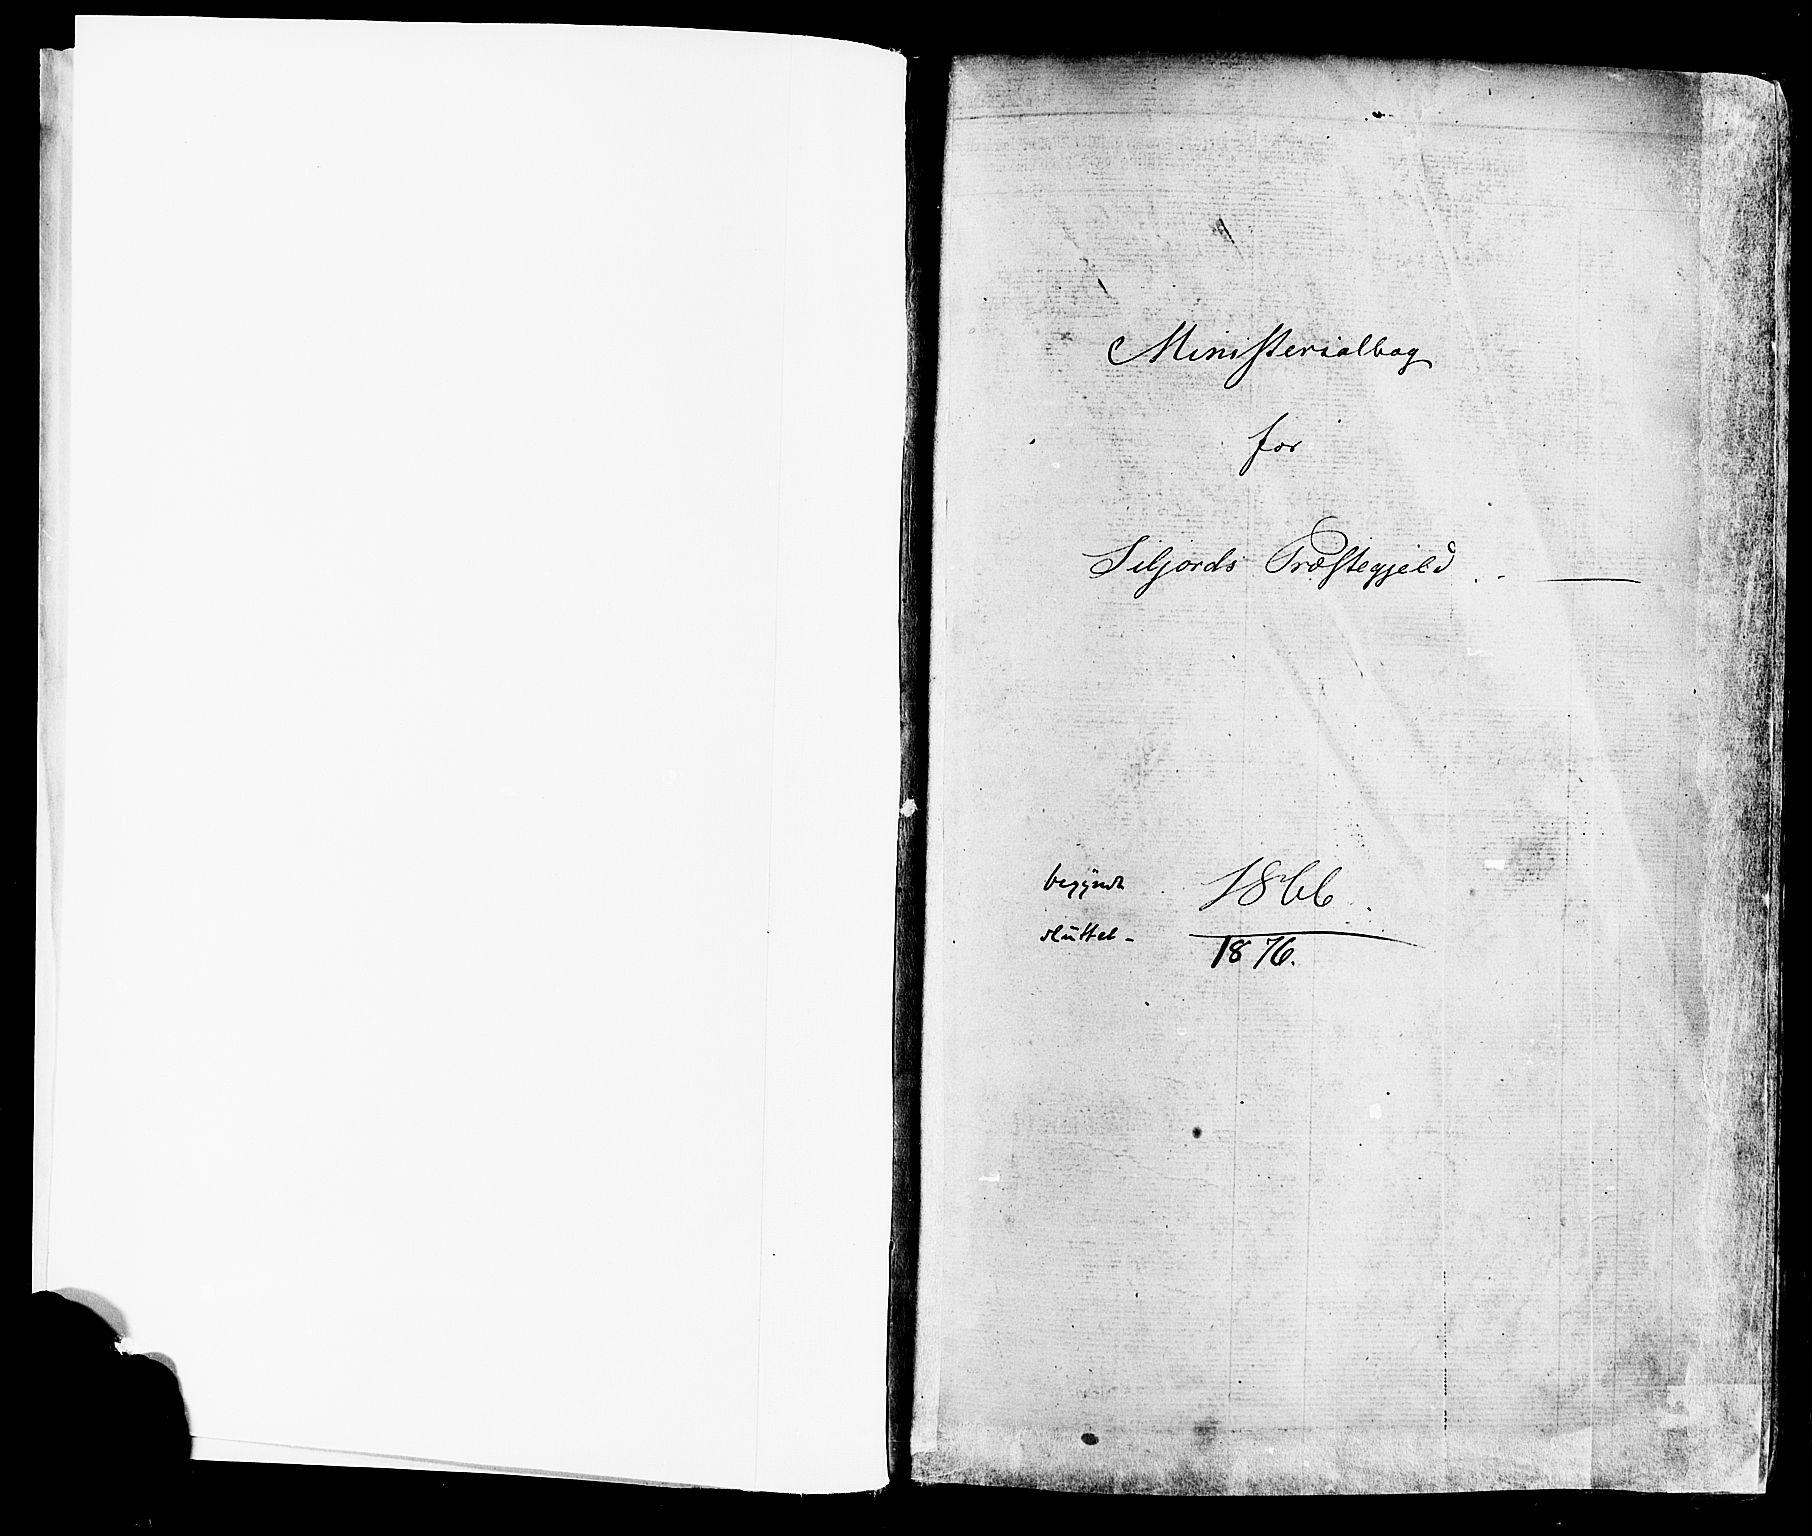 SAKO, Seljord kirkebøker, F/Fa/L0013: Ministerialbok nr. I 13, 1866-1876